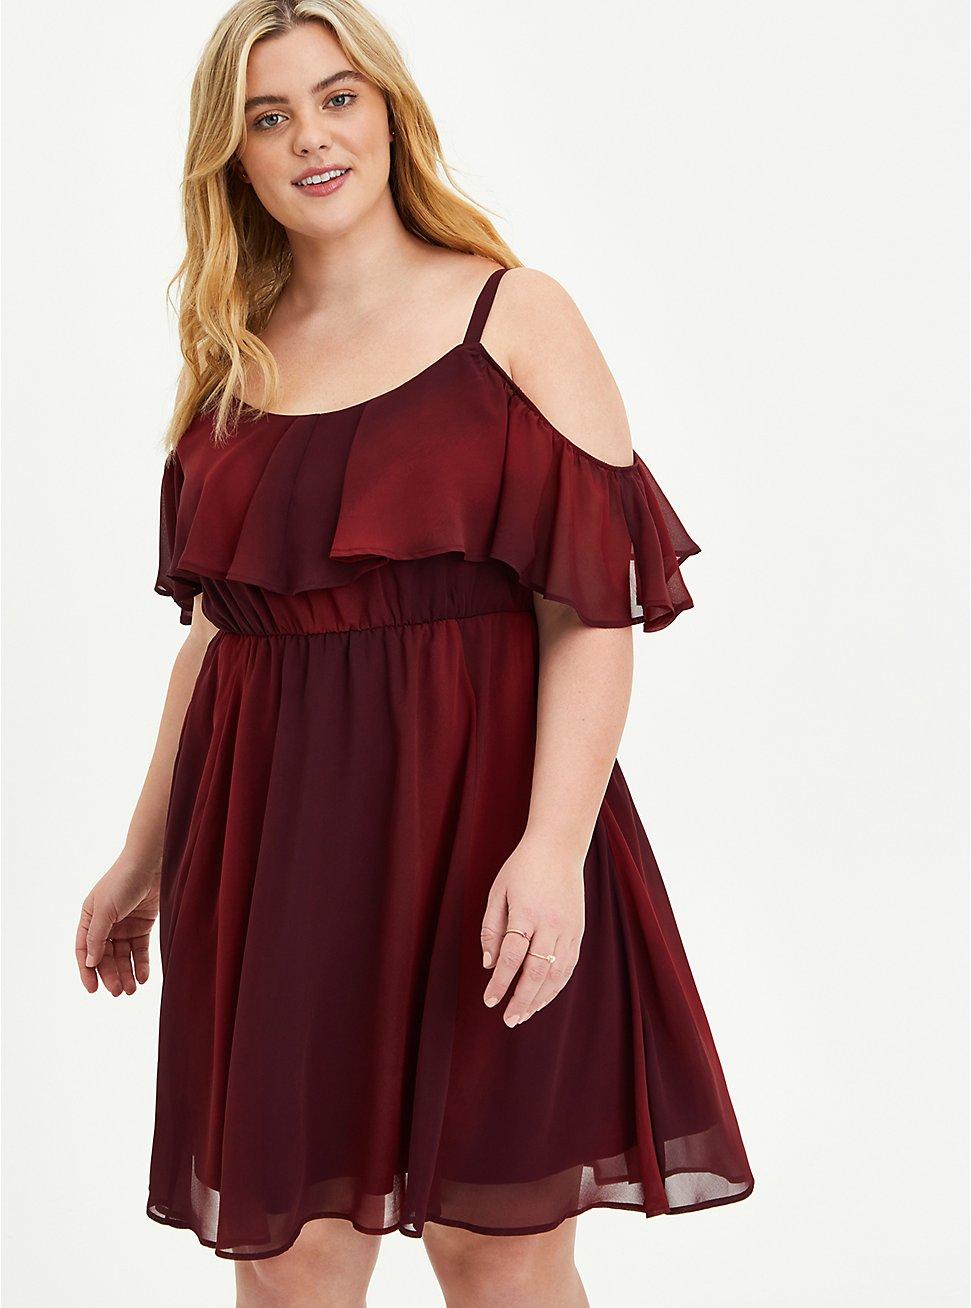 Burgundy Chiffon Cold Shoulder Skater Dress, GRADIENT - MULTI, hi-res